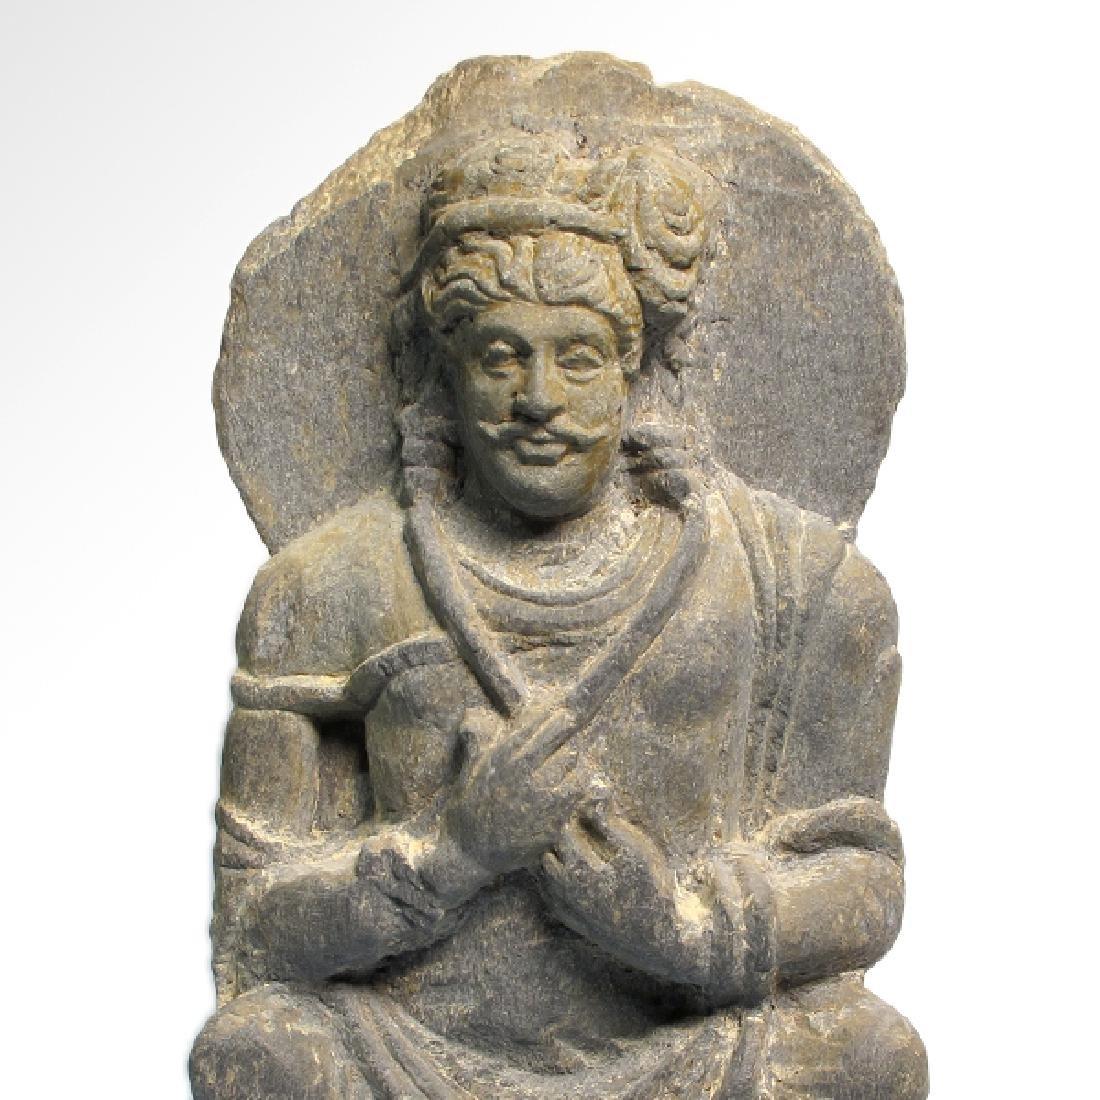 Gandhara Schist Relief Figure of a Bodhisattva, c. - 3